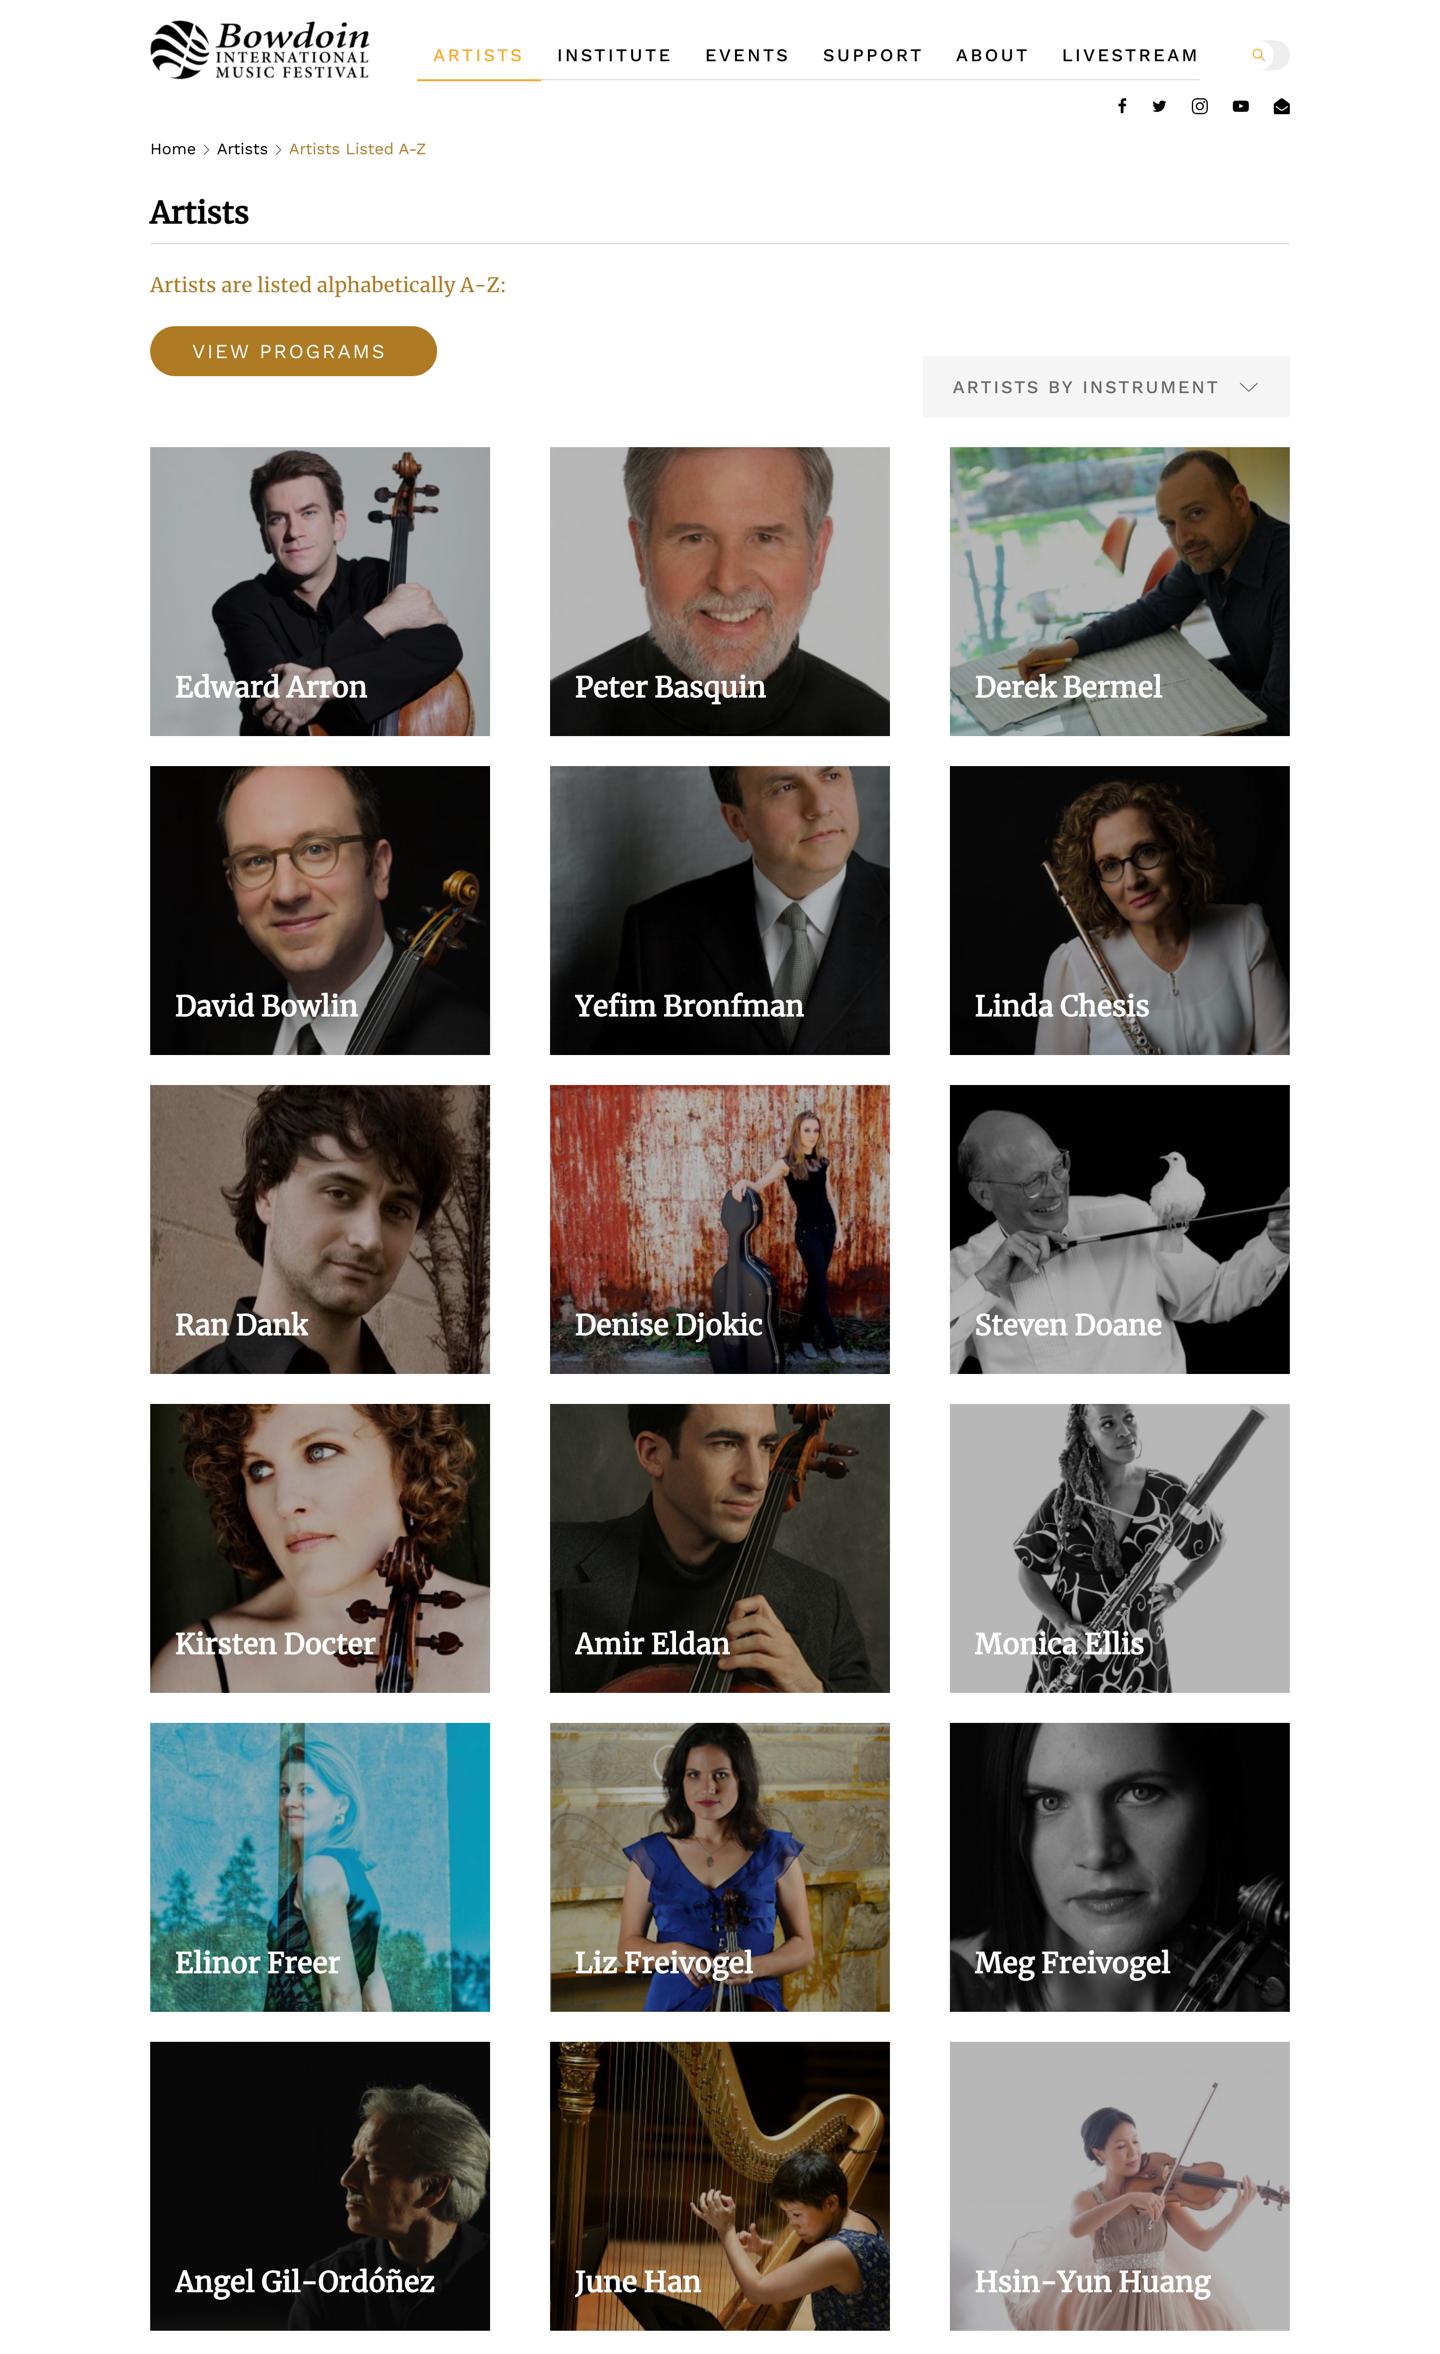 Bowdoin Festival full listing of artists